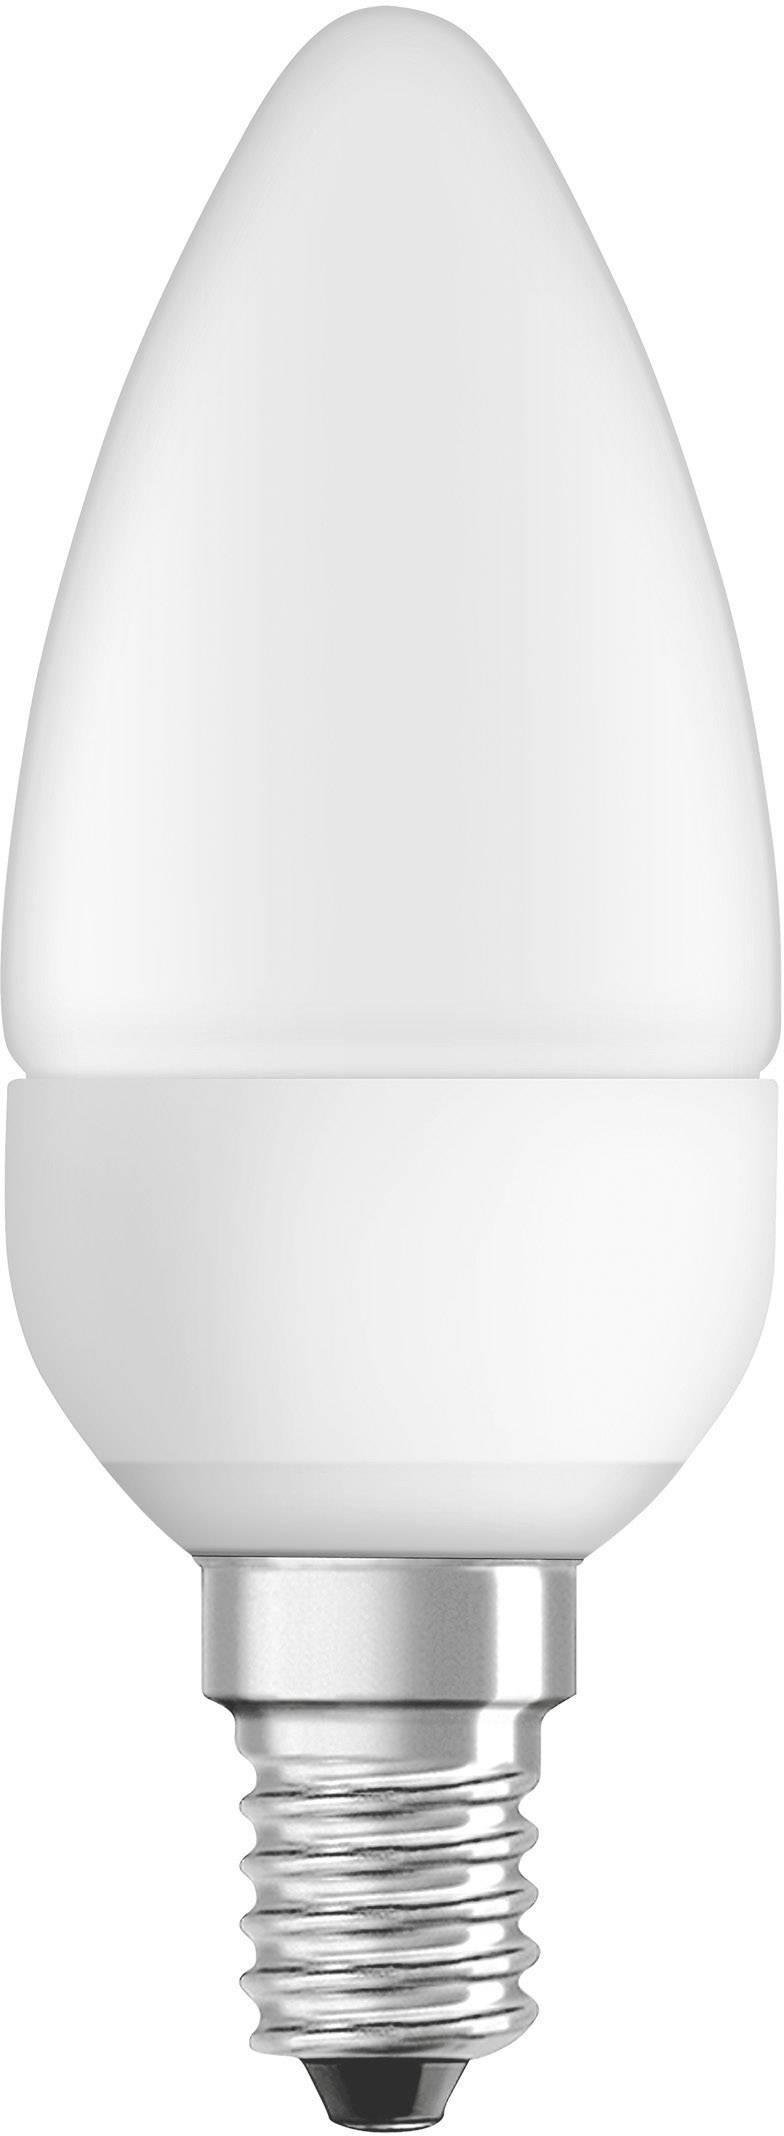 LED žiarovka OSRAM 4052899911987 230 V, 6 W = 40 W, teplá biela, A+, 1 ks